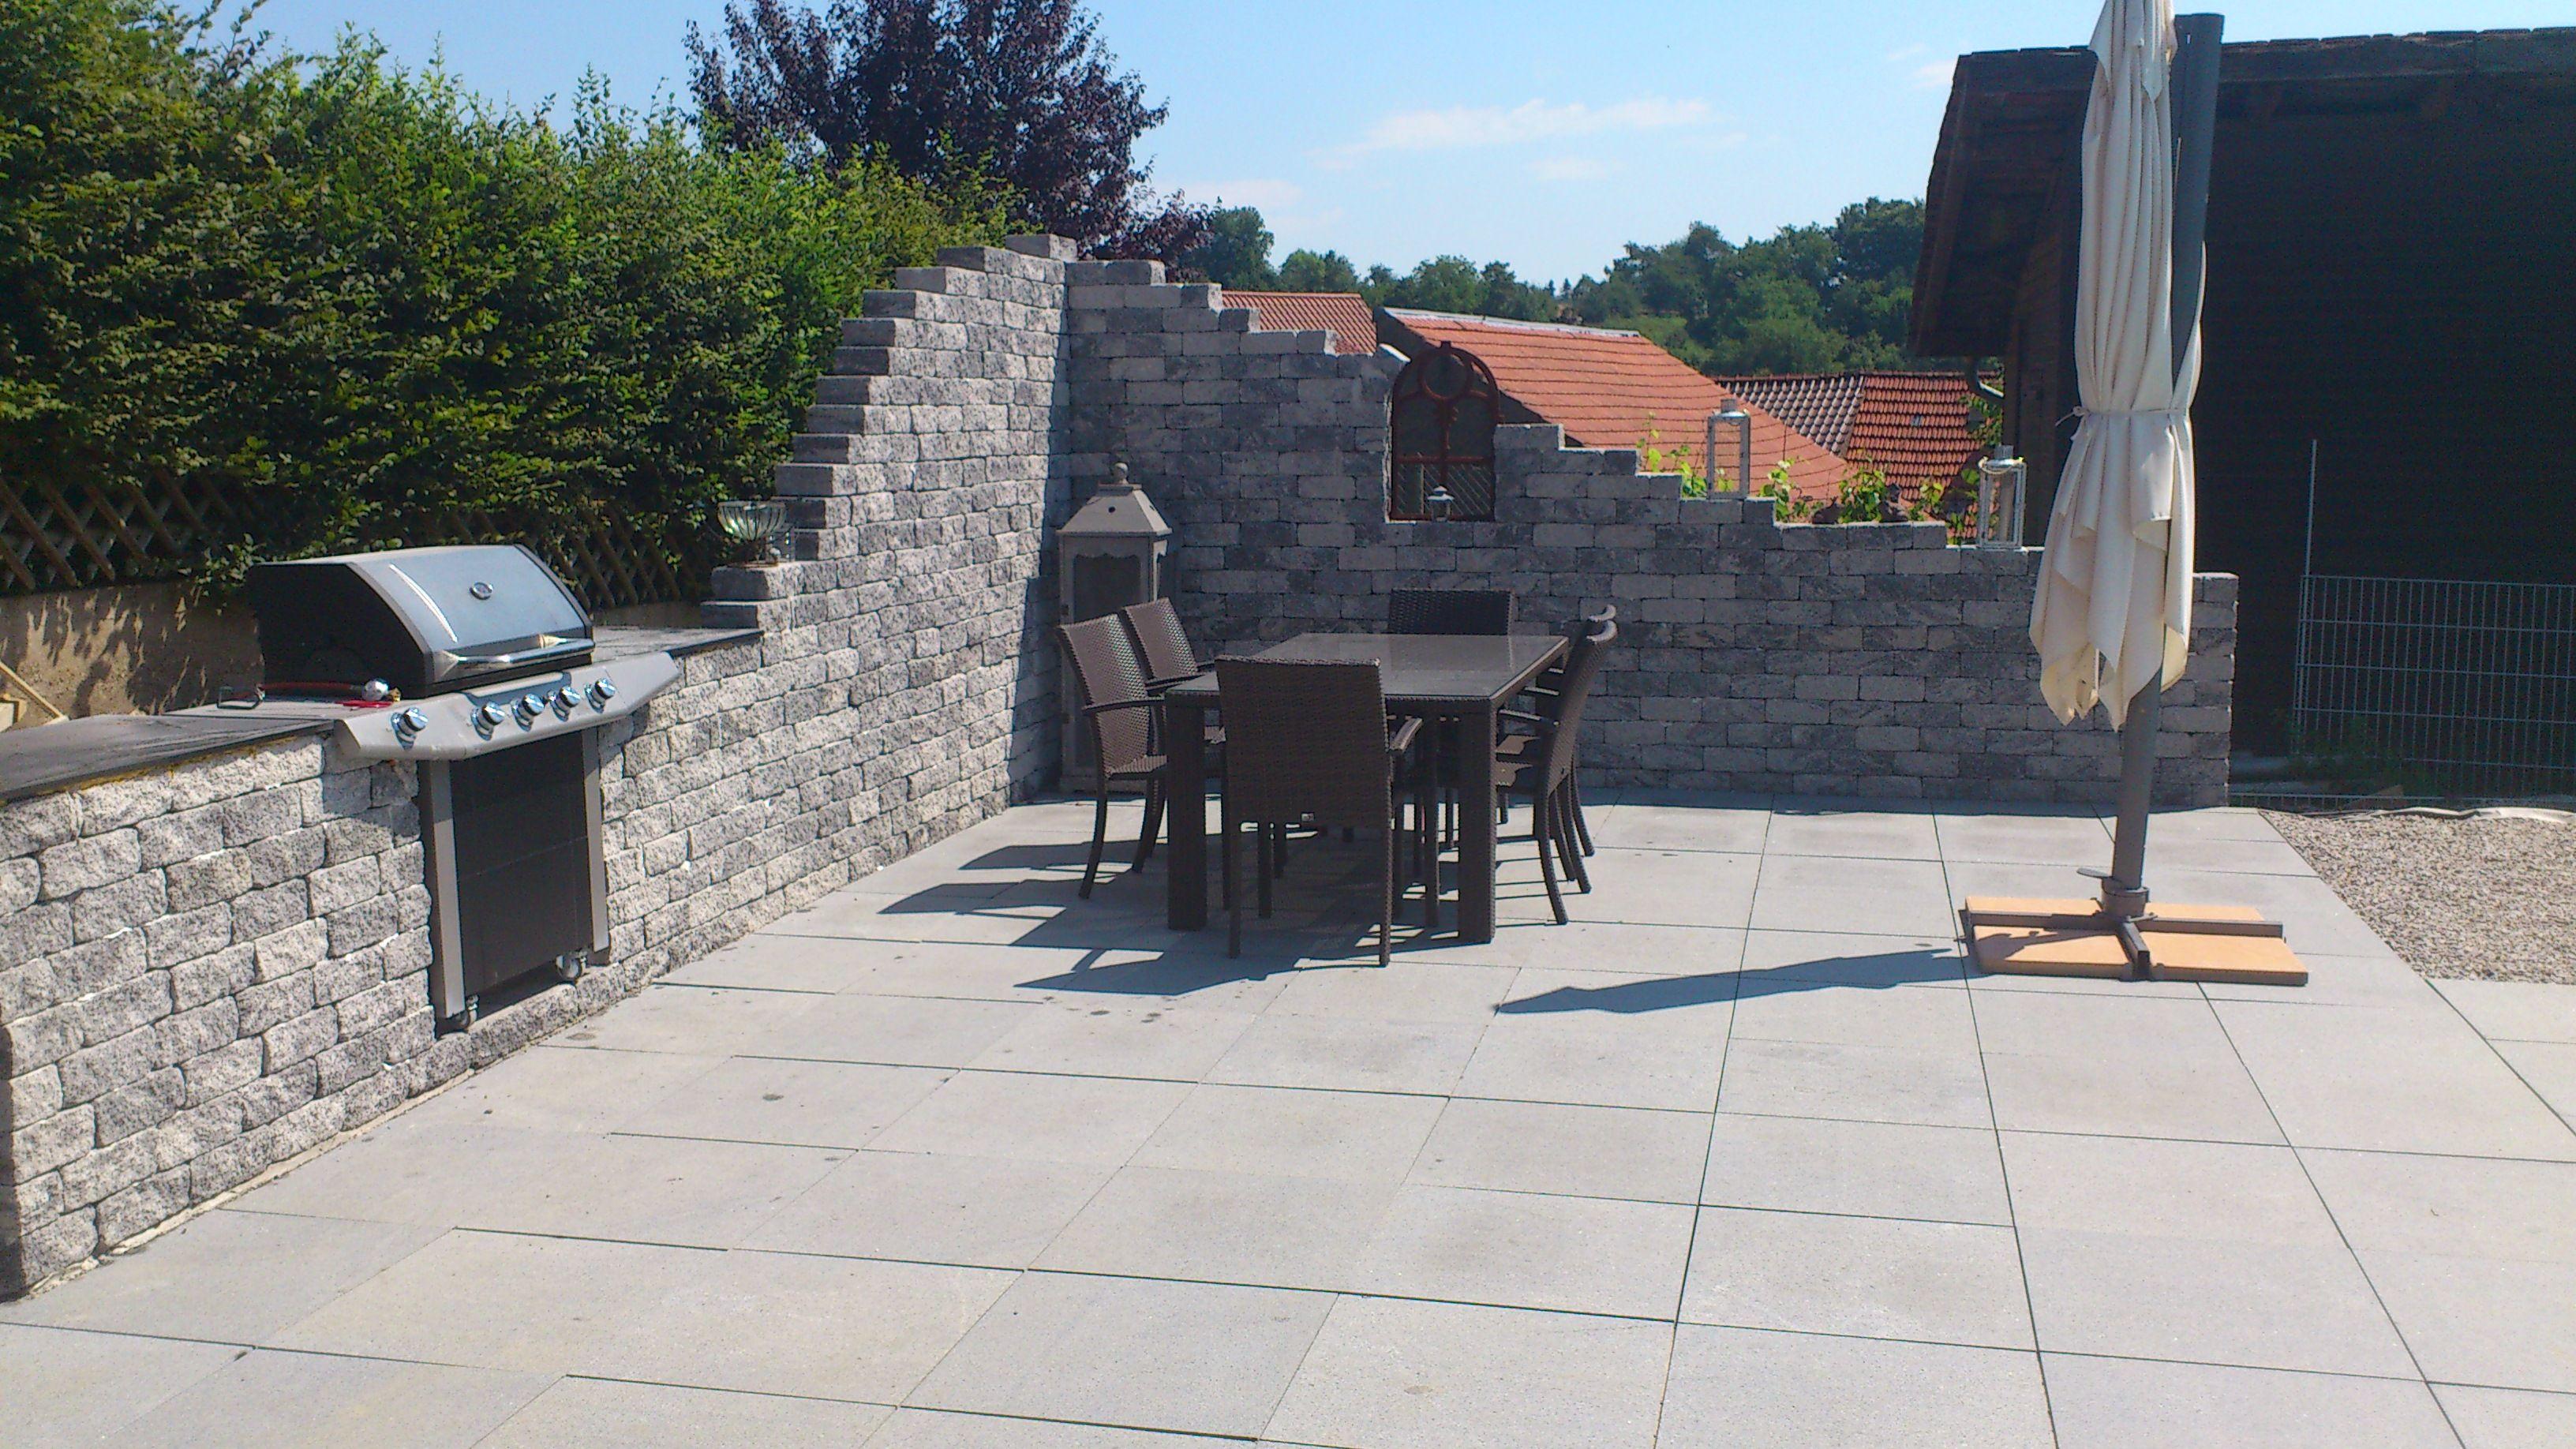 Garten Steinwand Terrasse Steinwand Outdoor Decor Patio Und